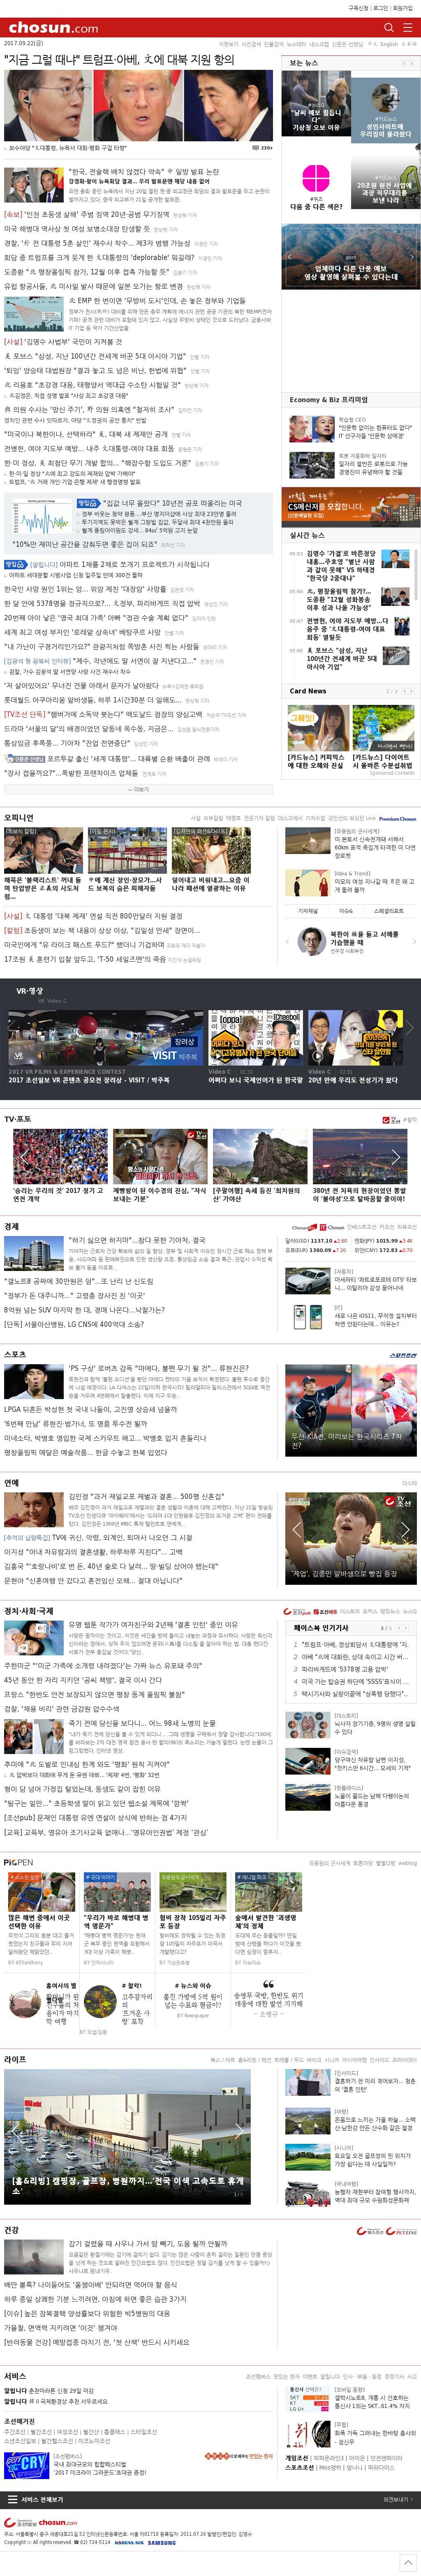 chosun.com at Friday Sept. 22, 2017, 6:01 a.m. UTC